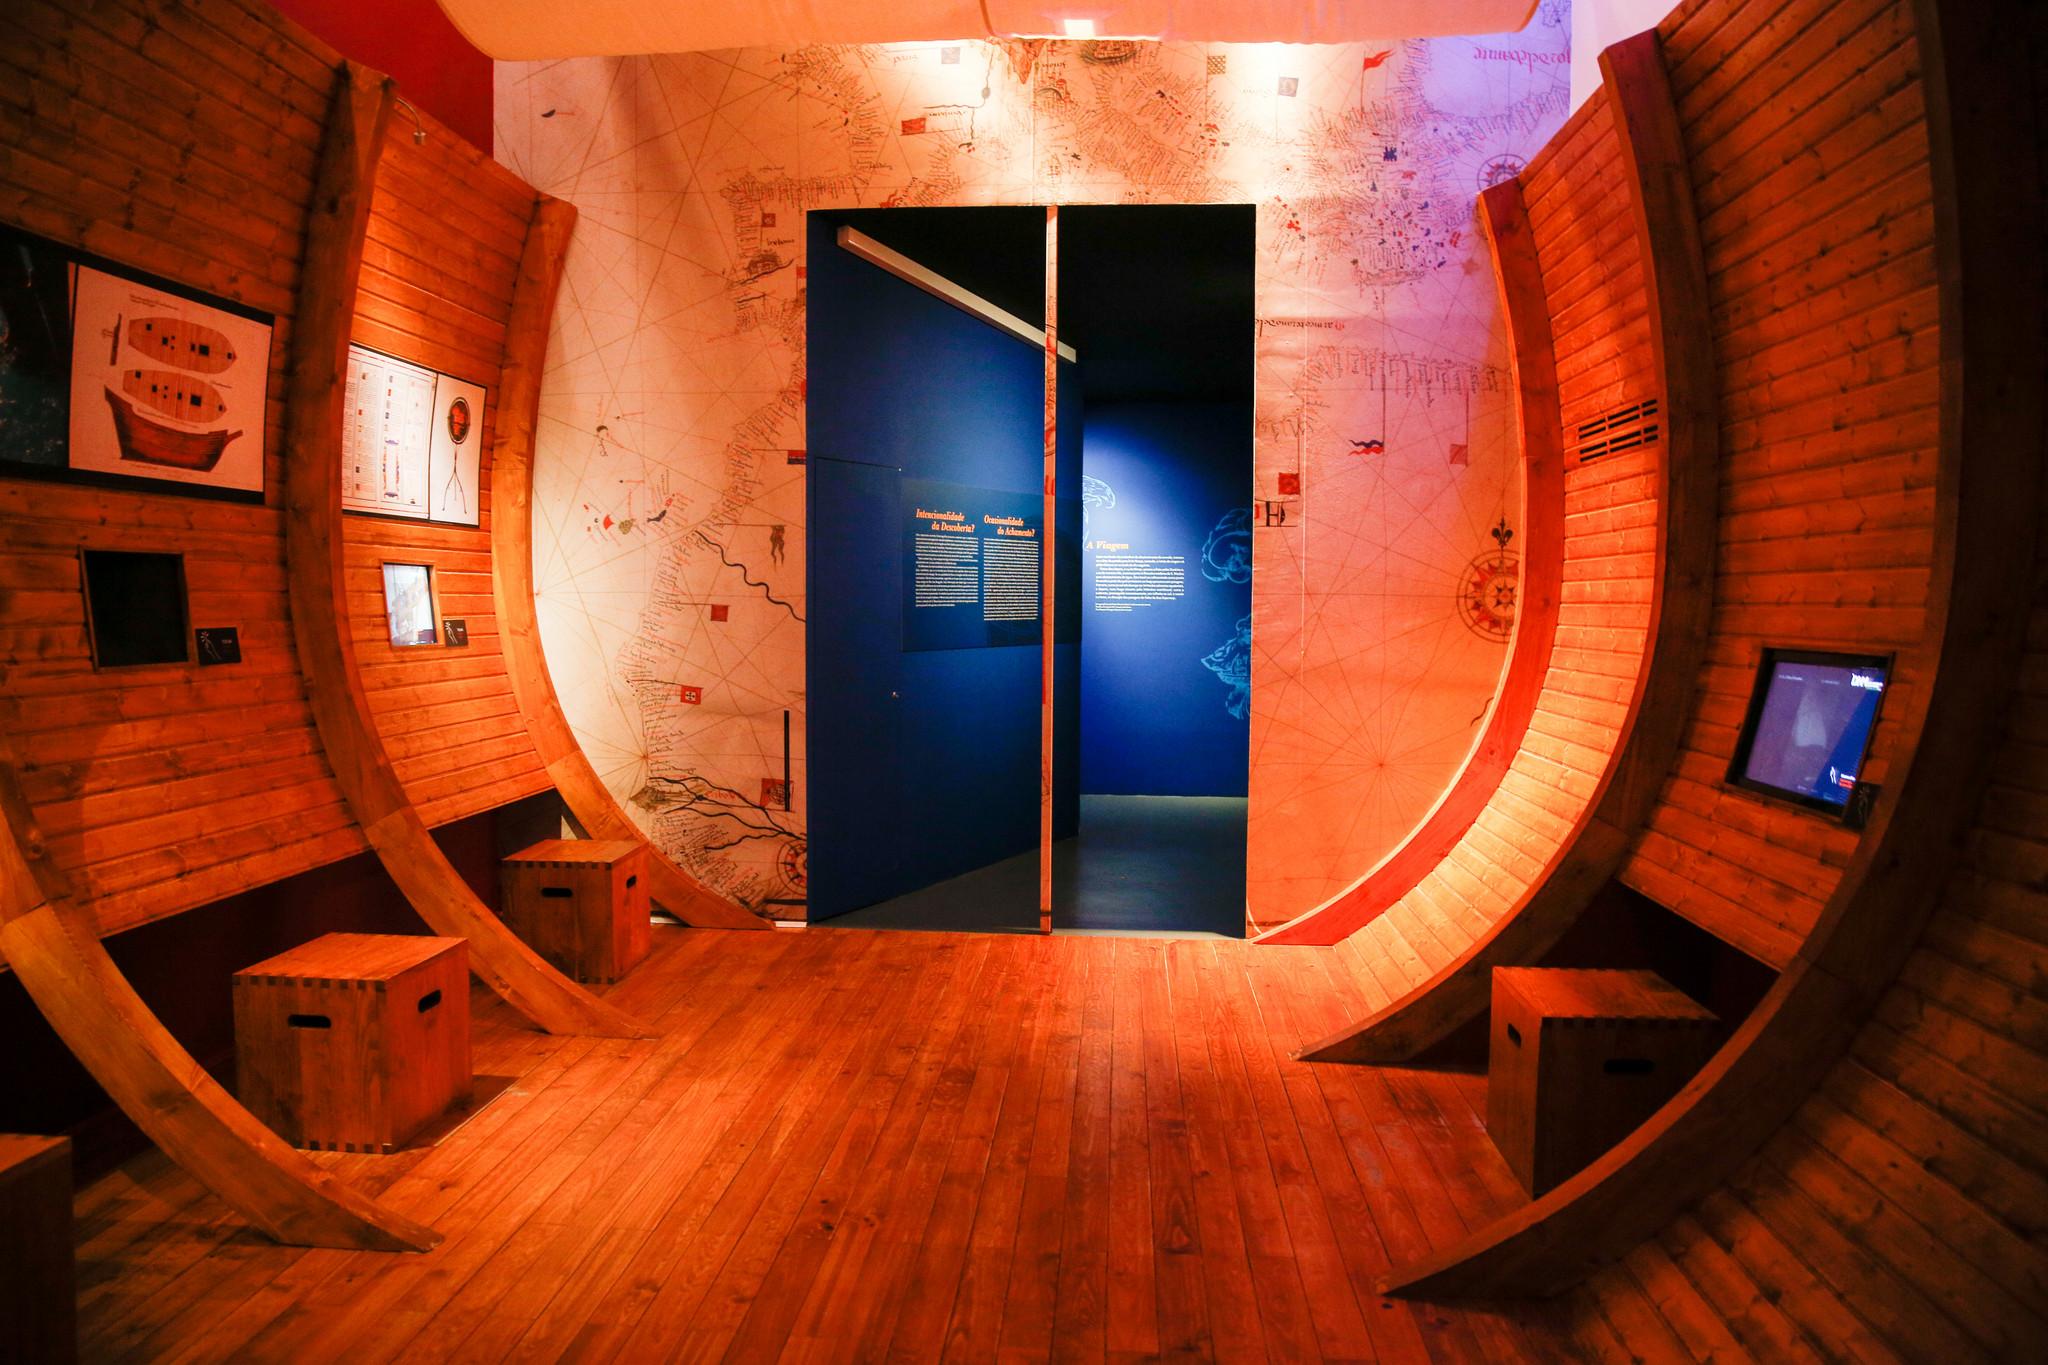 lm-museu descobrimentos 15-02-17-3-1.jpg